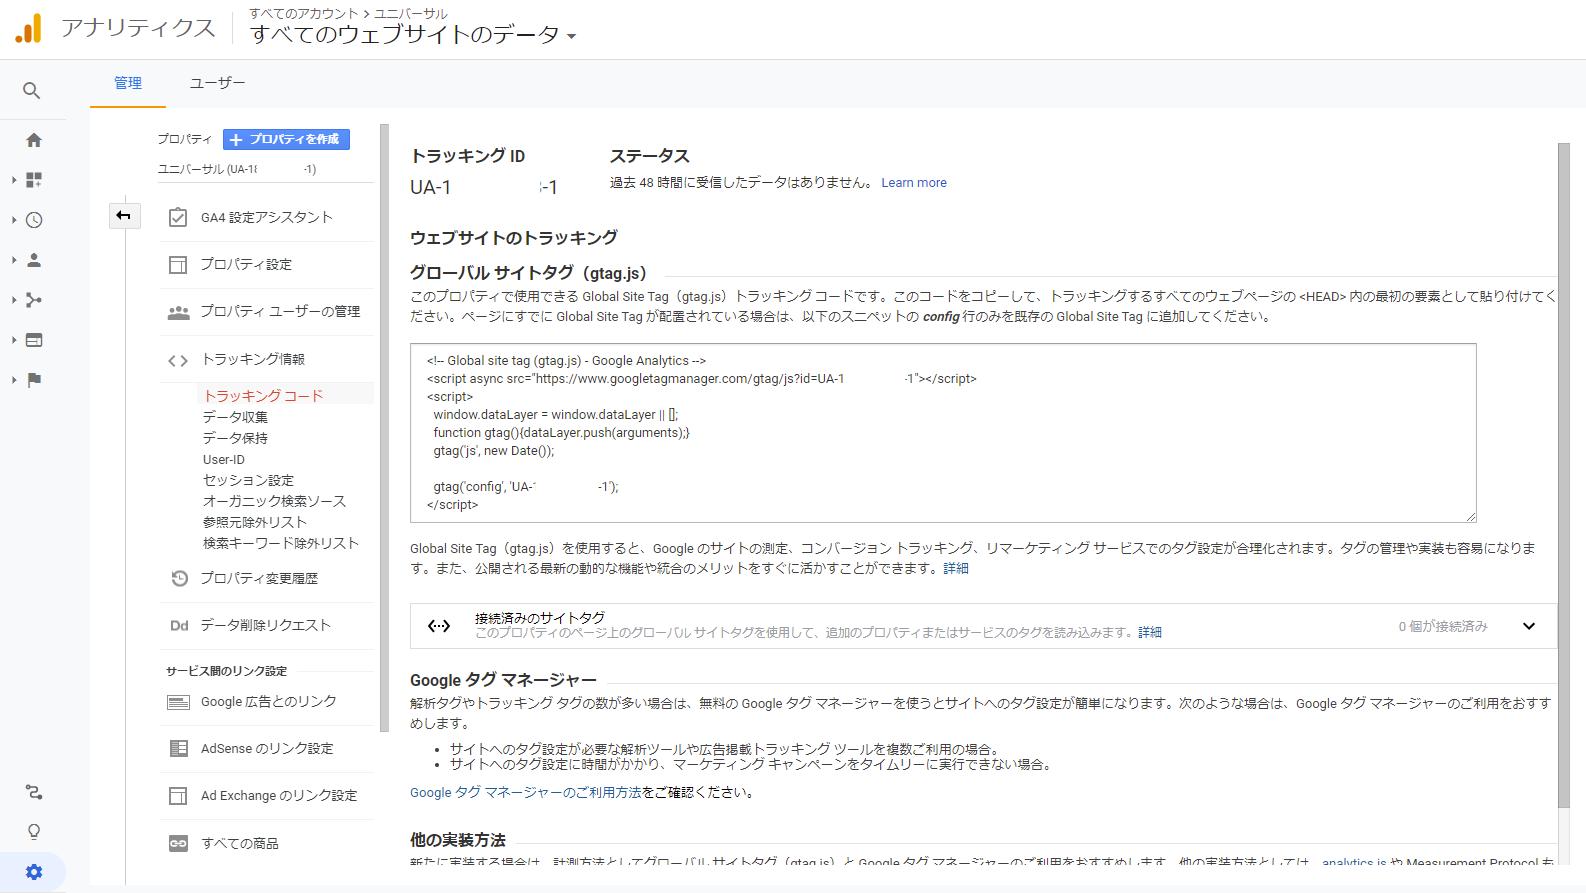 Google Analytics|前バージョンのユニバーサルアナリティクスを使う